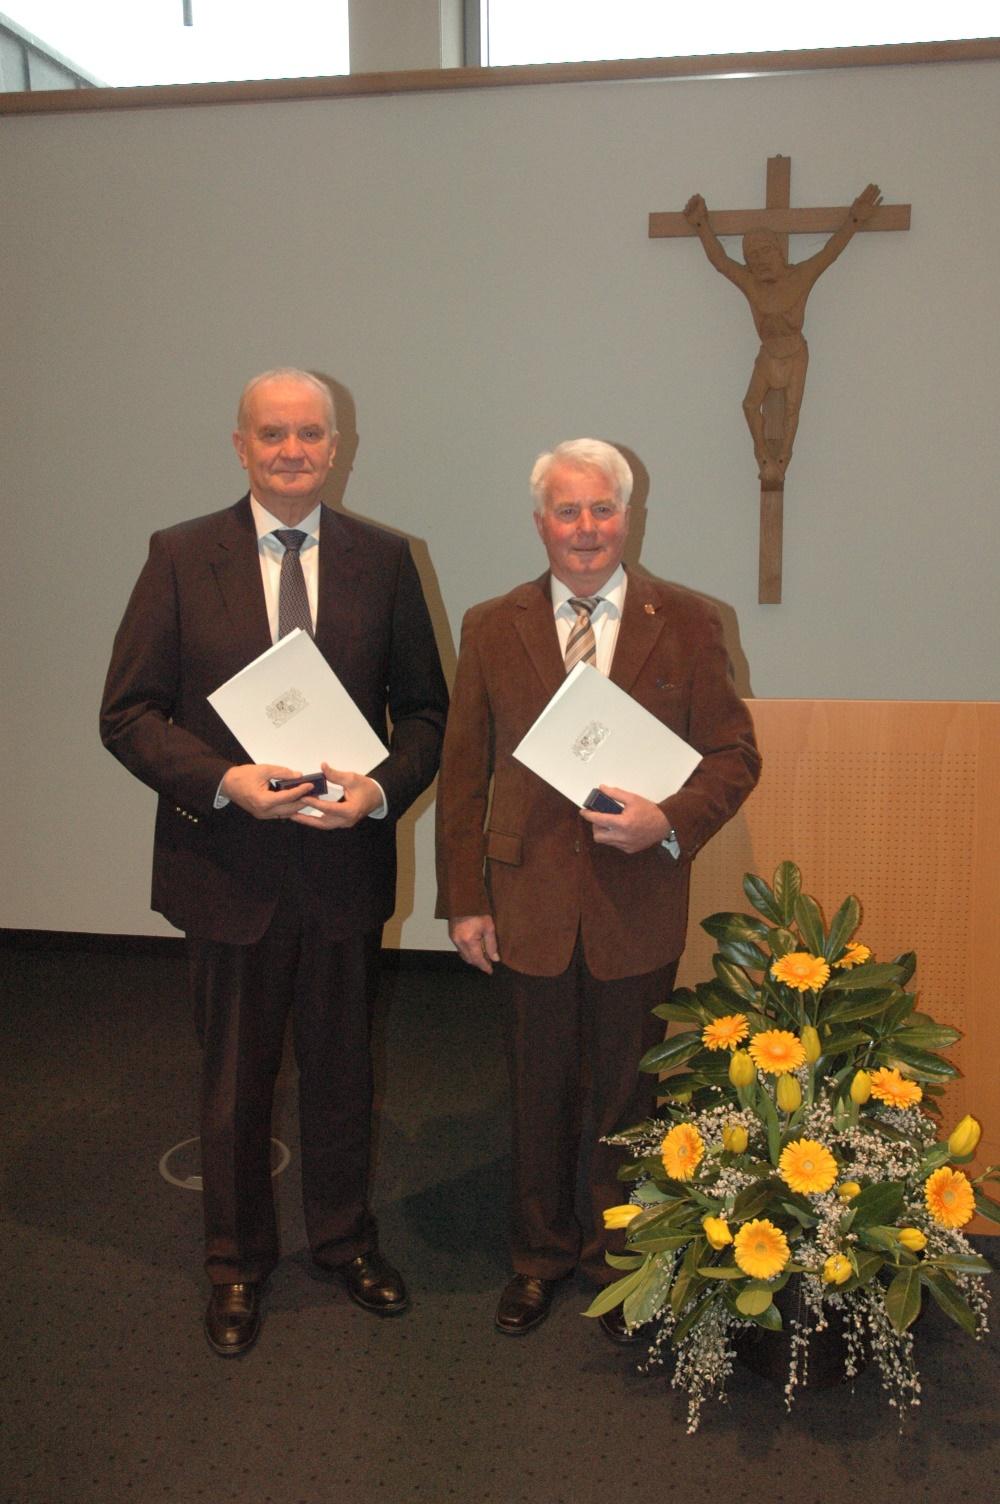 2015-ehrung-alt-und-reitz